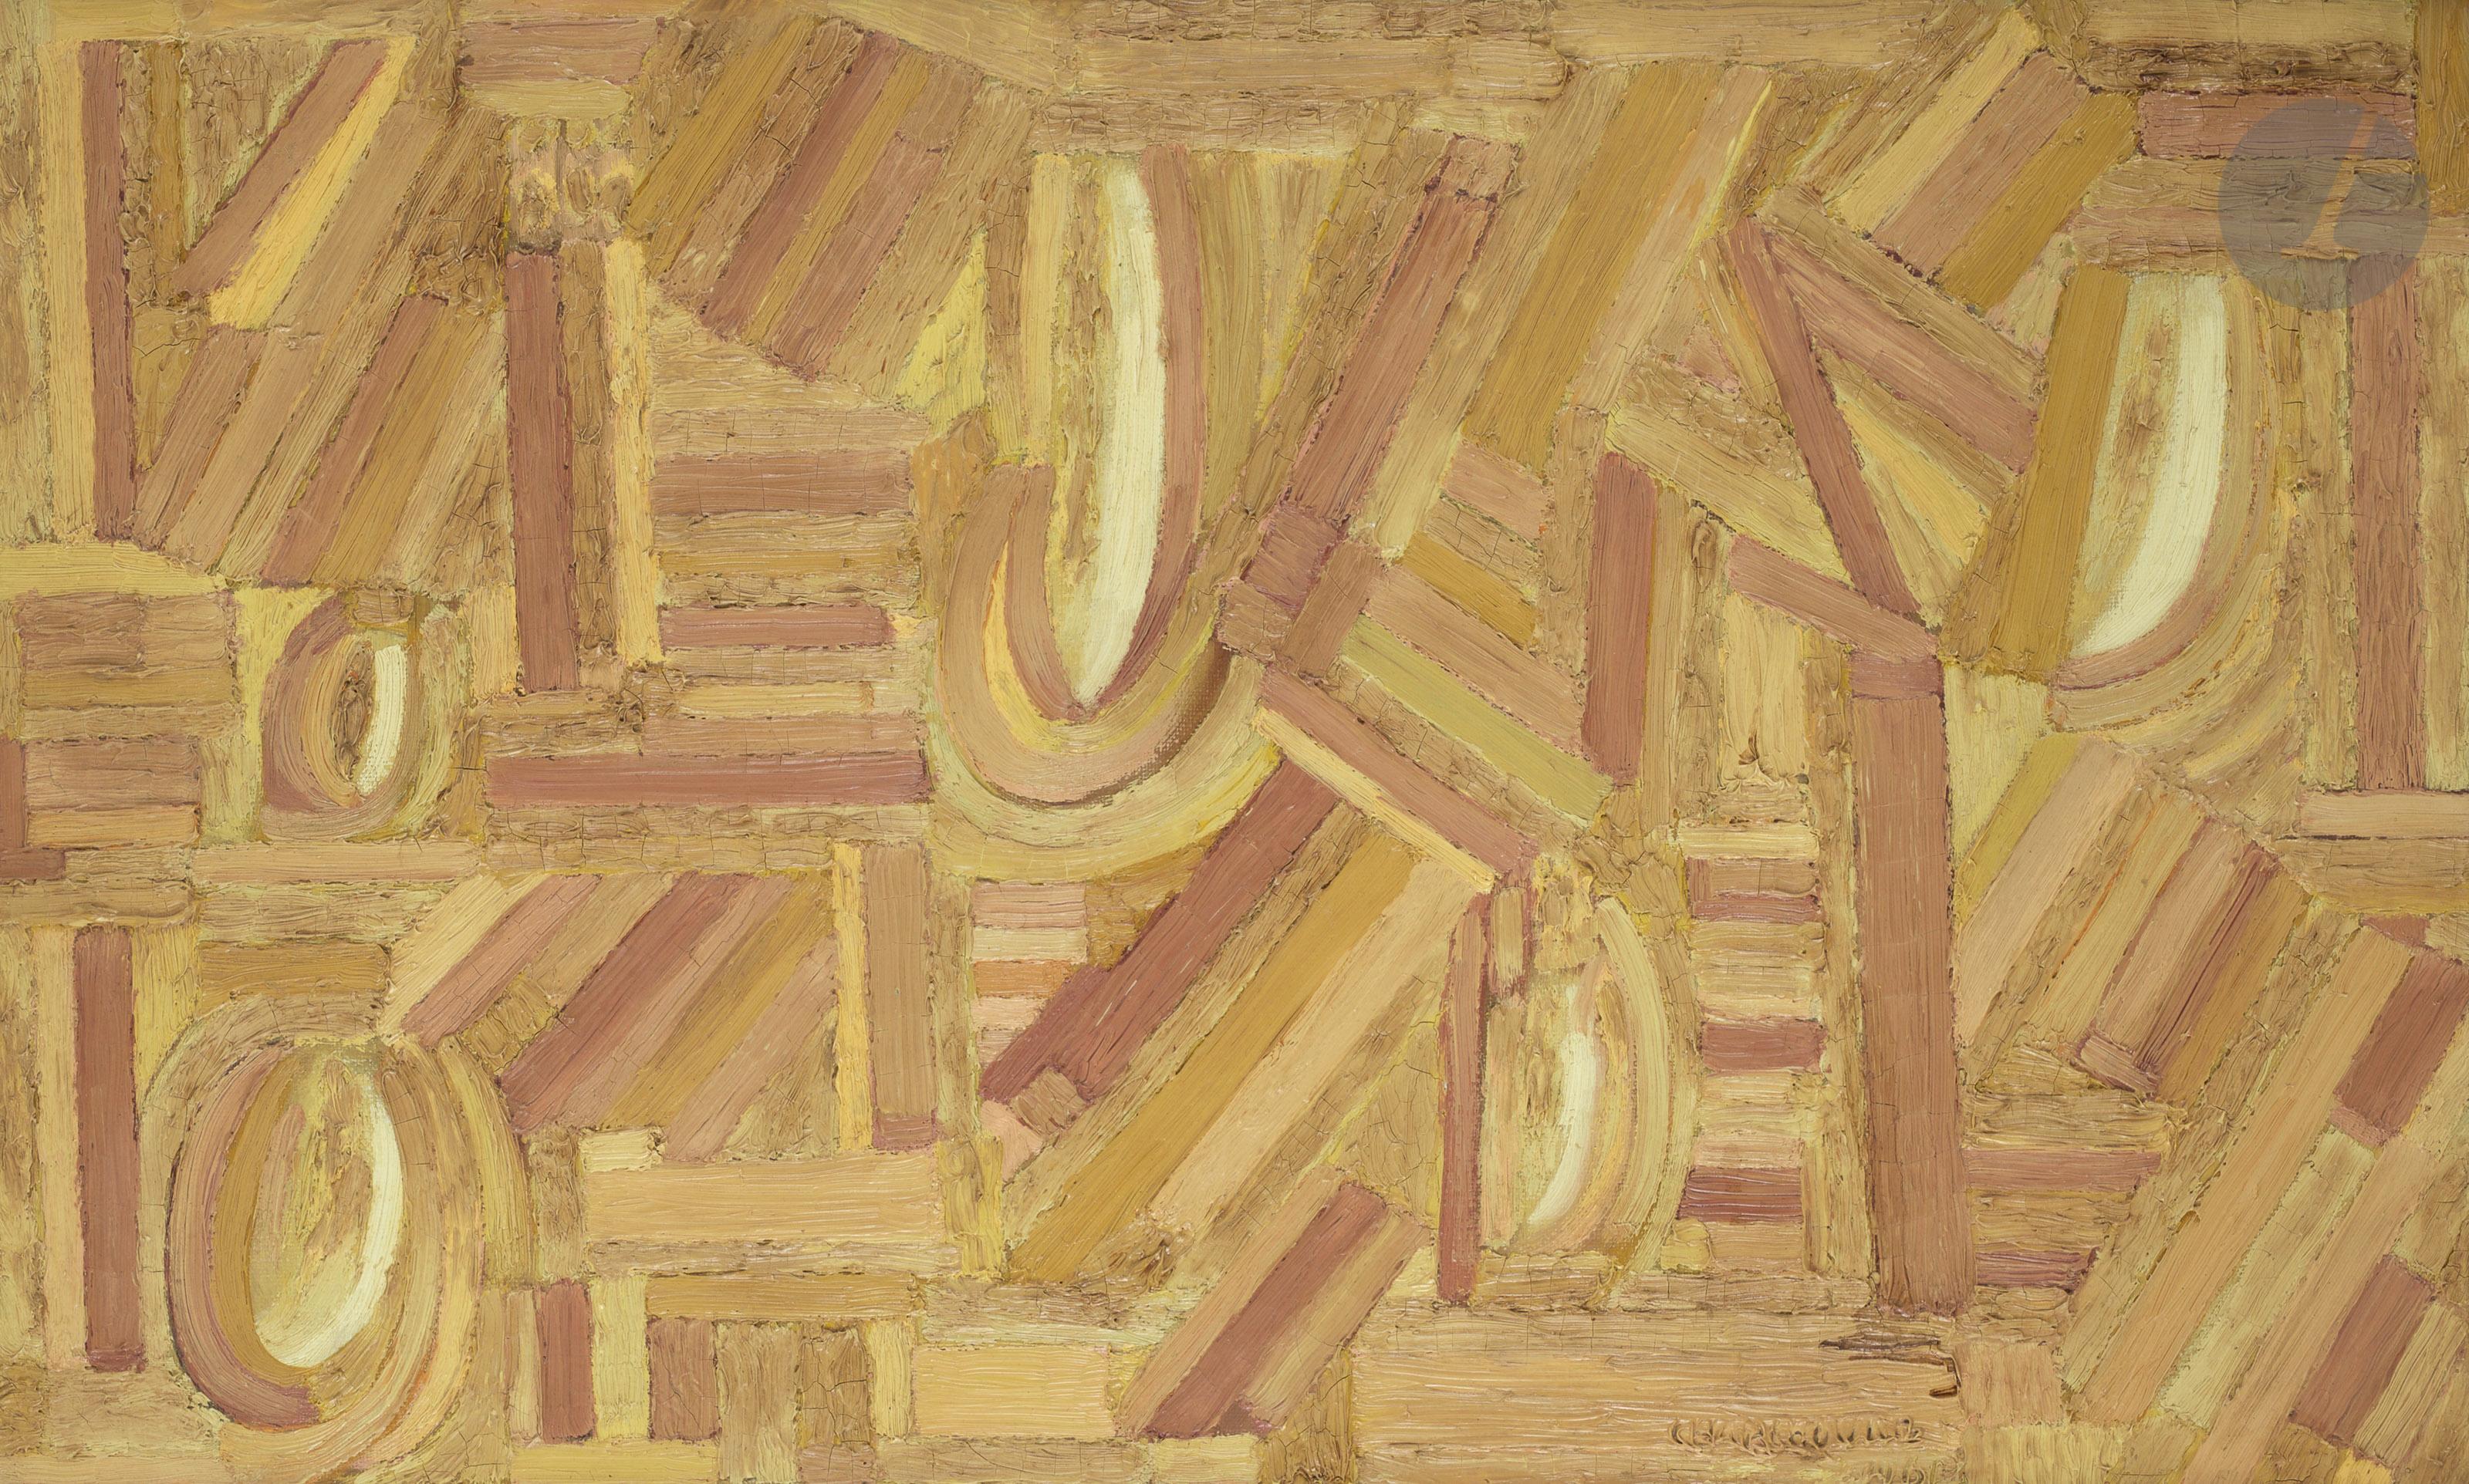 Lot 56 - Serge CHARCHOUNE [russe] (1888-1975)Negro spirituals Var. 2 II, 1961Huile sur toile.Signée et